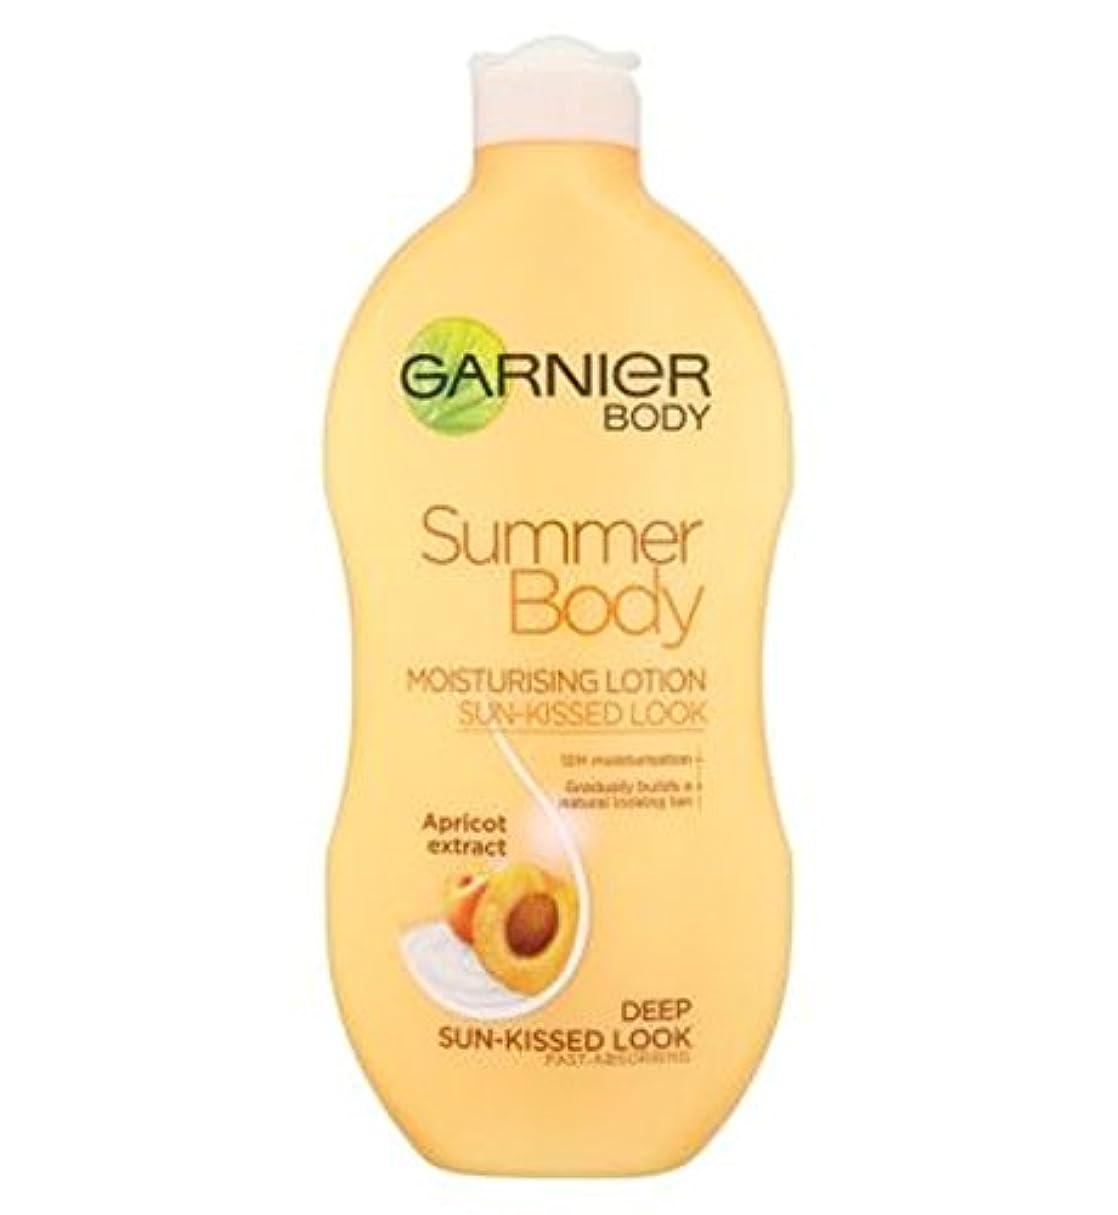 収容する有能な荒野Garnier Summer Body Lotion Deep Sun-Kissed 400ml - ガルニエの夏のボディローション深い日、キスをした400ミリリットル (Garnier) [並行輸入品]